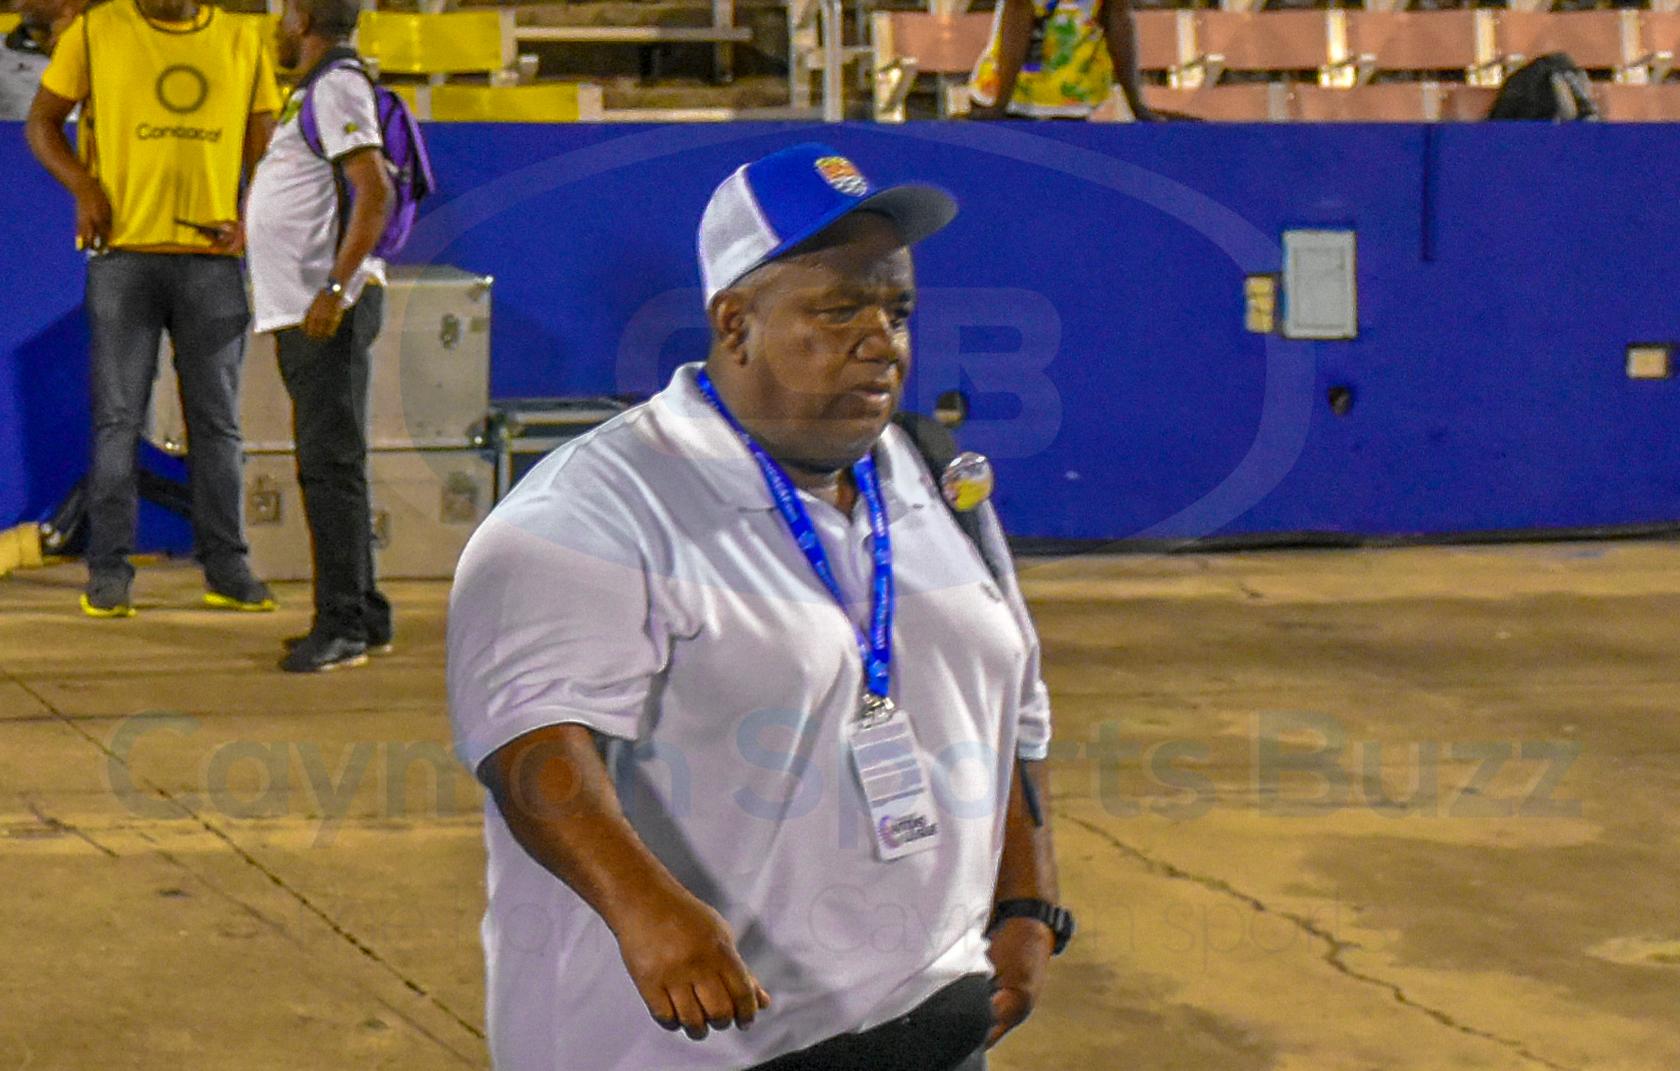 Cayman Islands national football team coach Elbert McLean